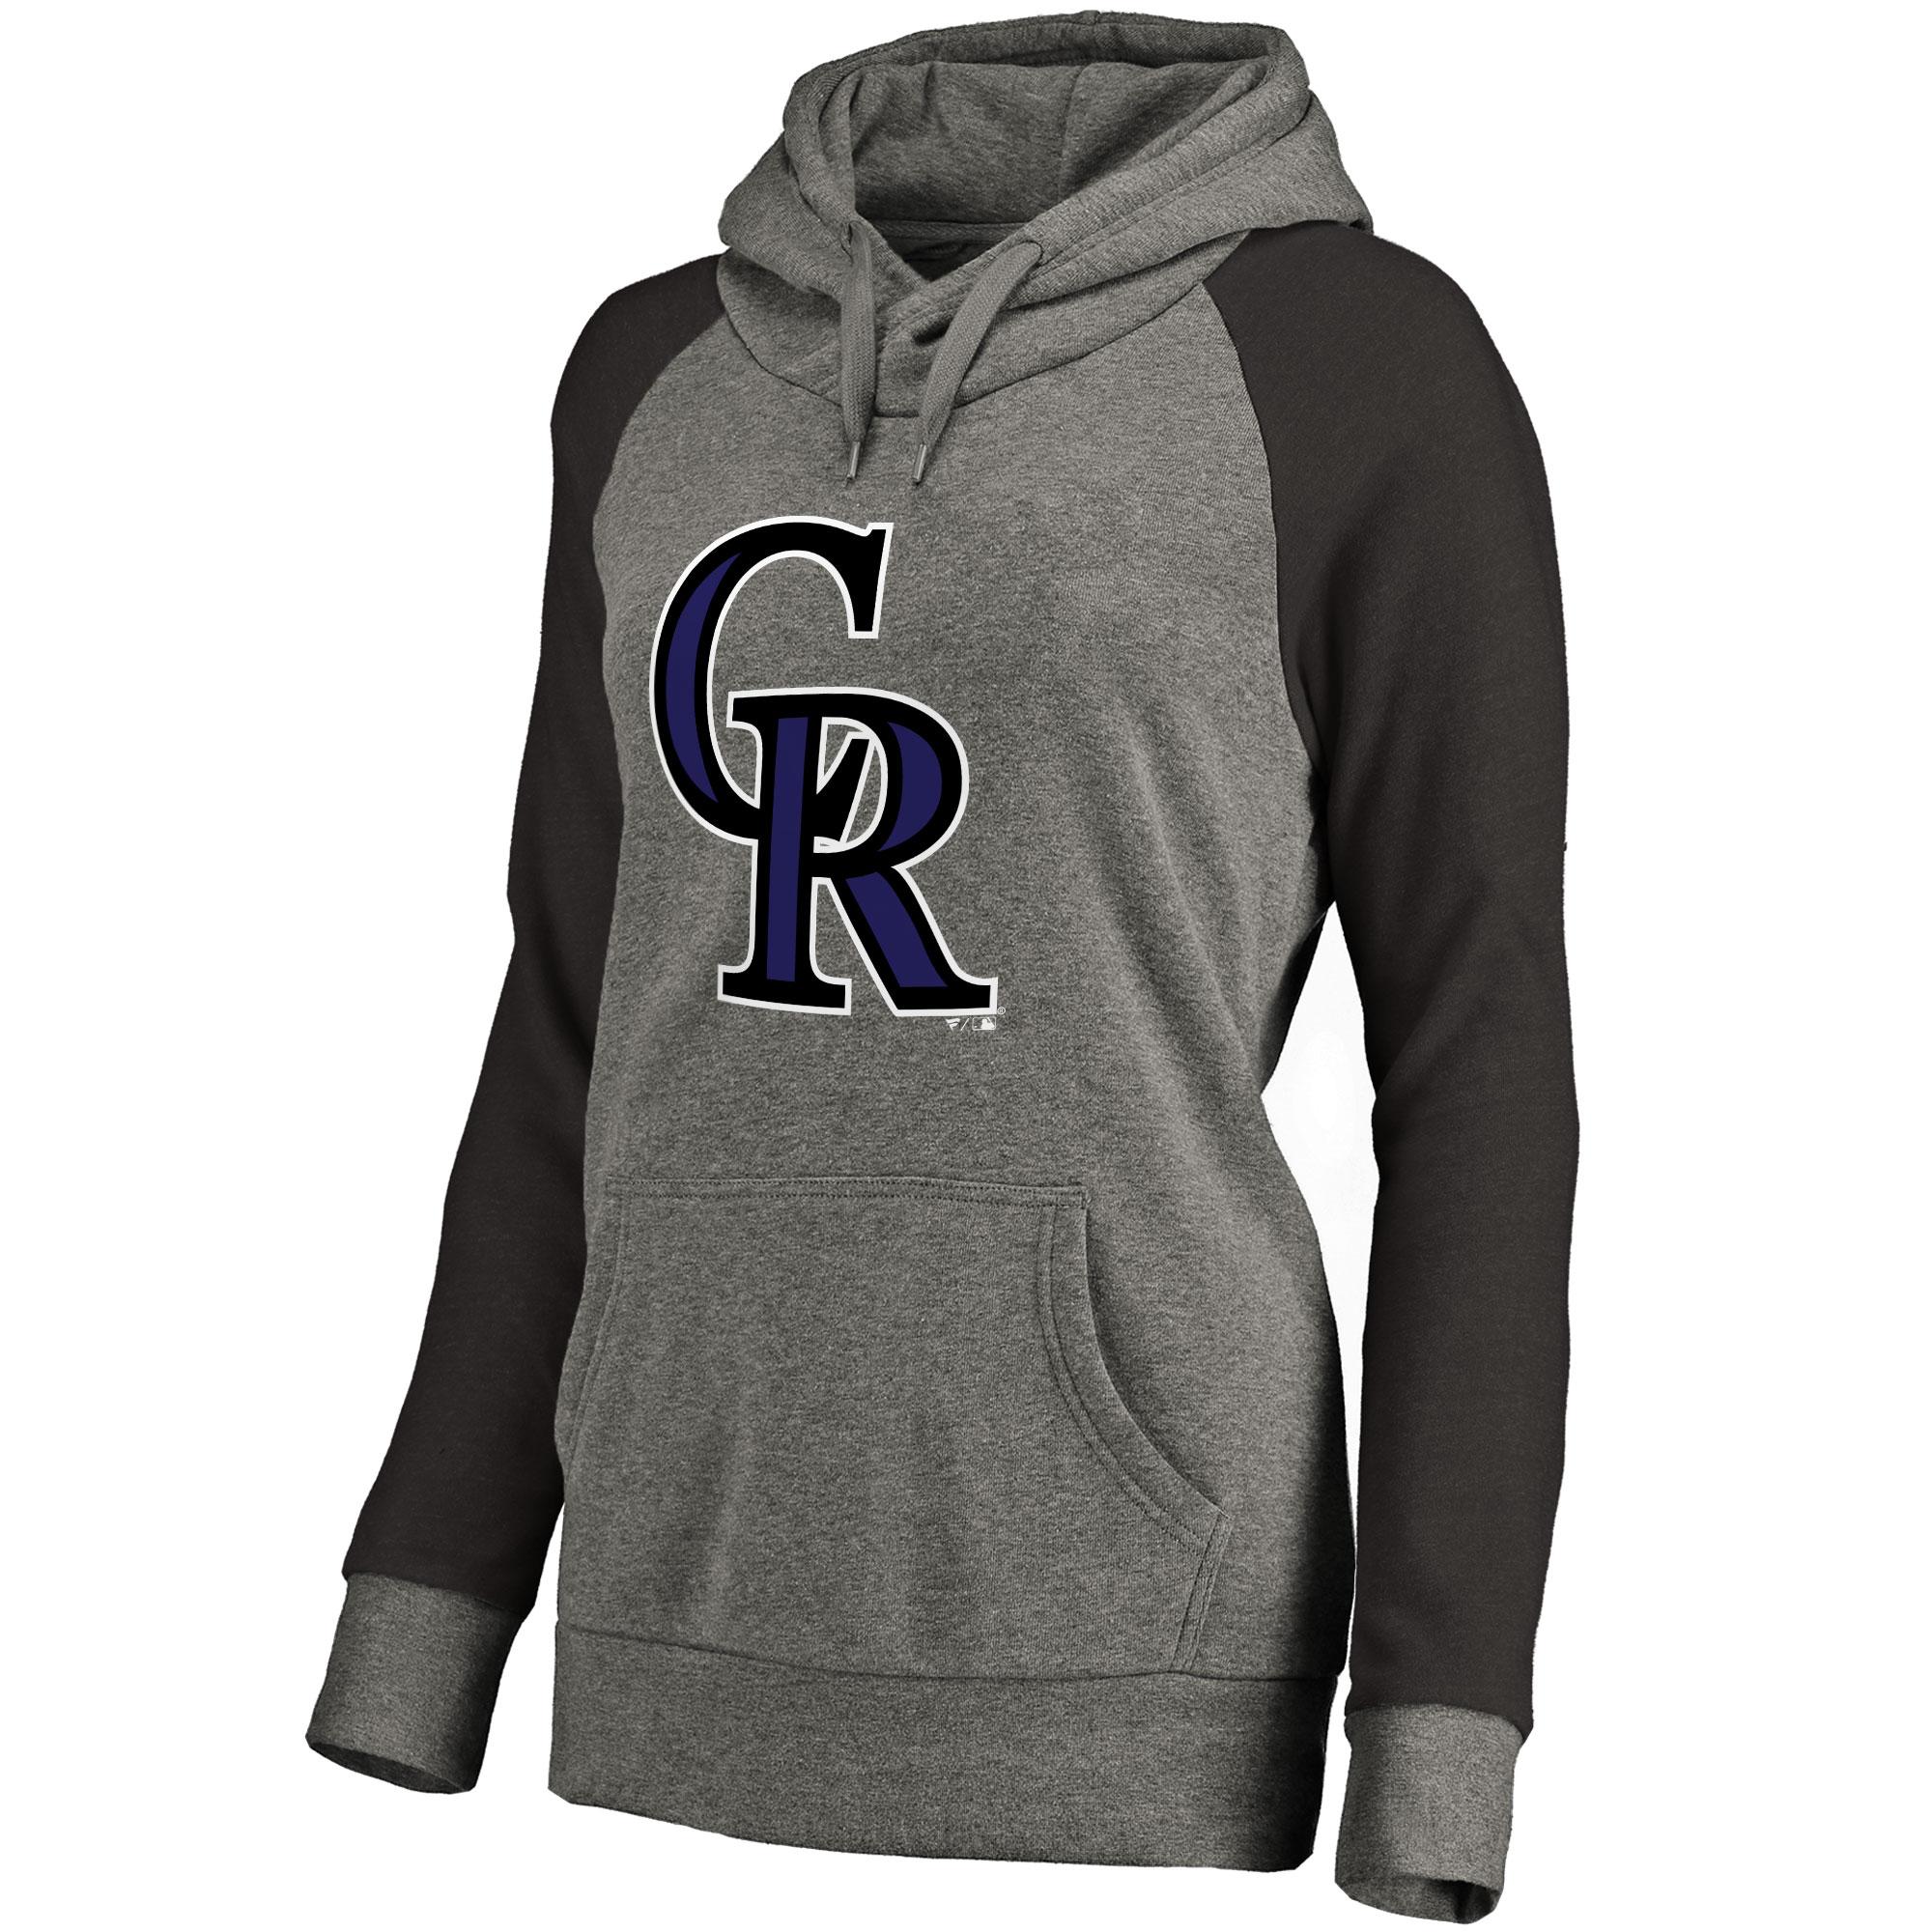 Colorado Rockies Women's Primary Logo Raglan Sleeve Tri-Blend Pullover Hoodie - Ash